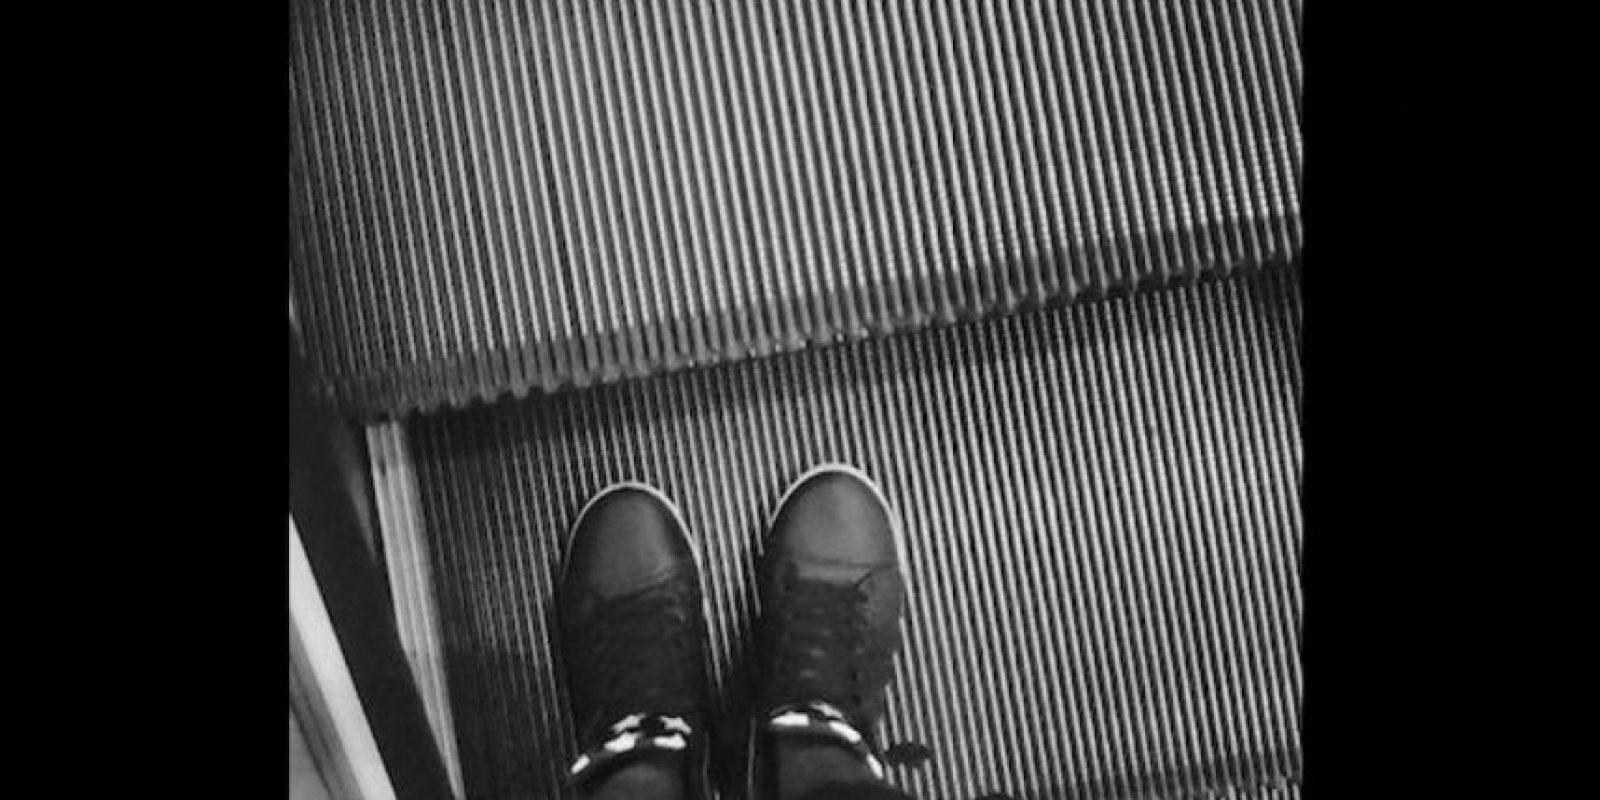 Tampoco se debe correr en ellas Foto:Instagram.com/explore/tags/escalator/